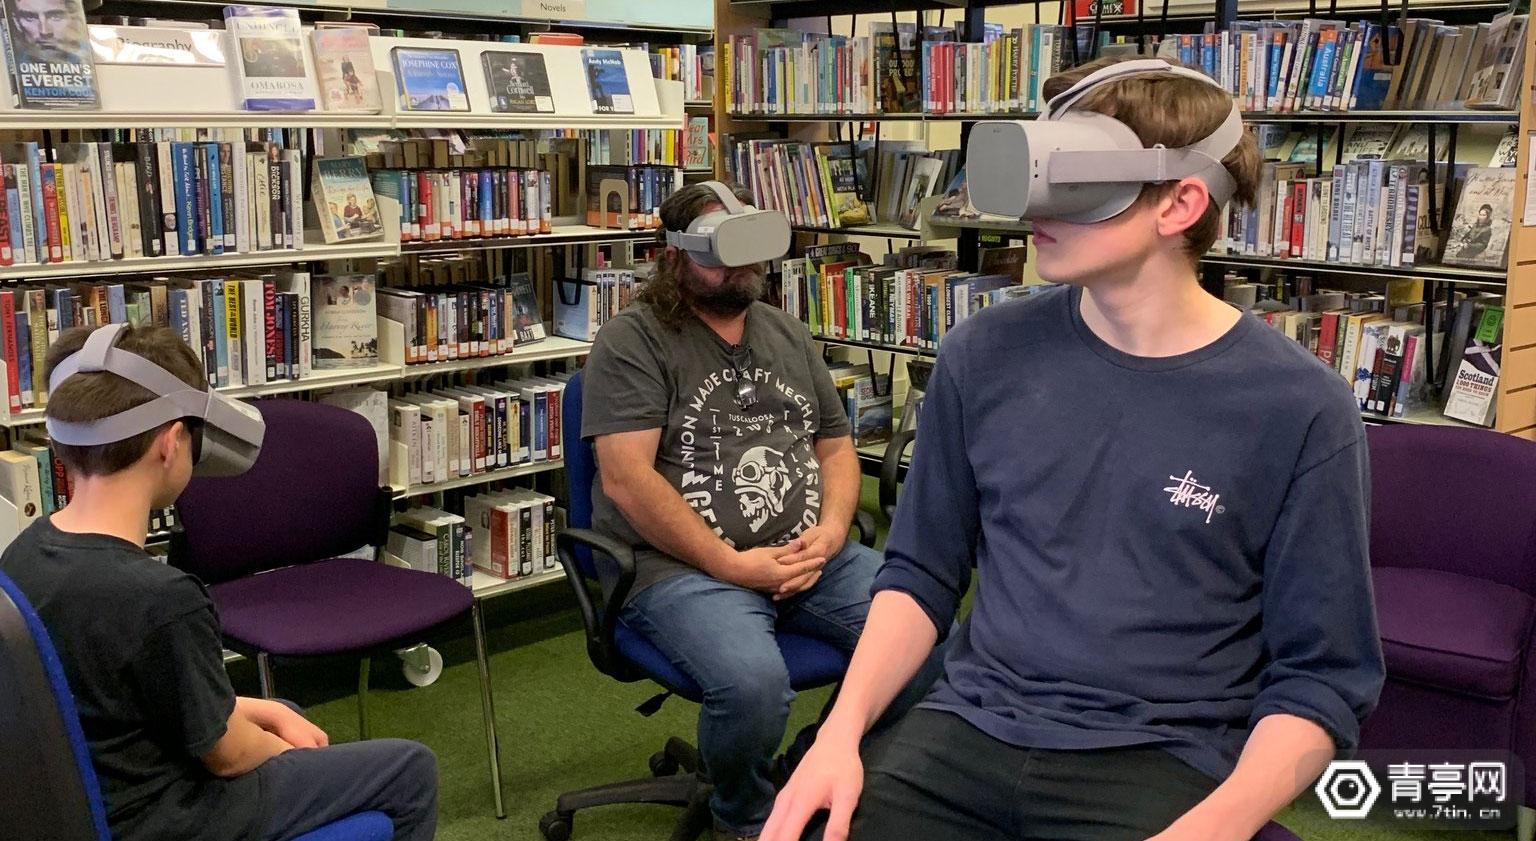 为了让更多人体验VR,BBC的秘诀是寻找最具价值的公共场所